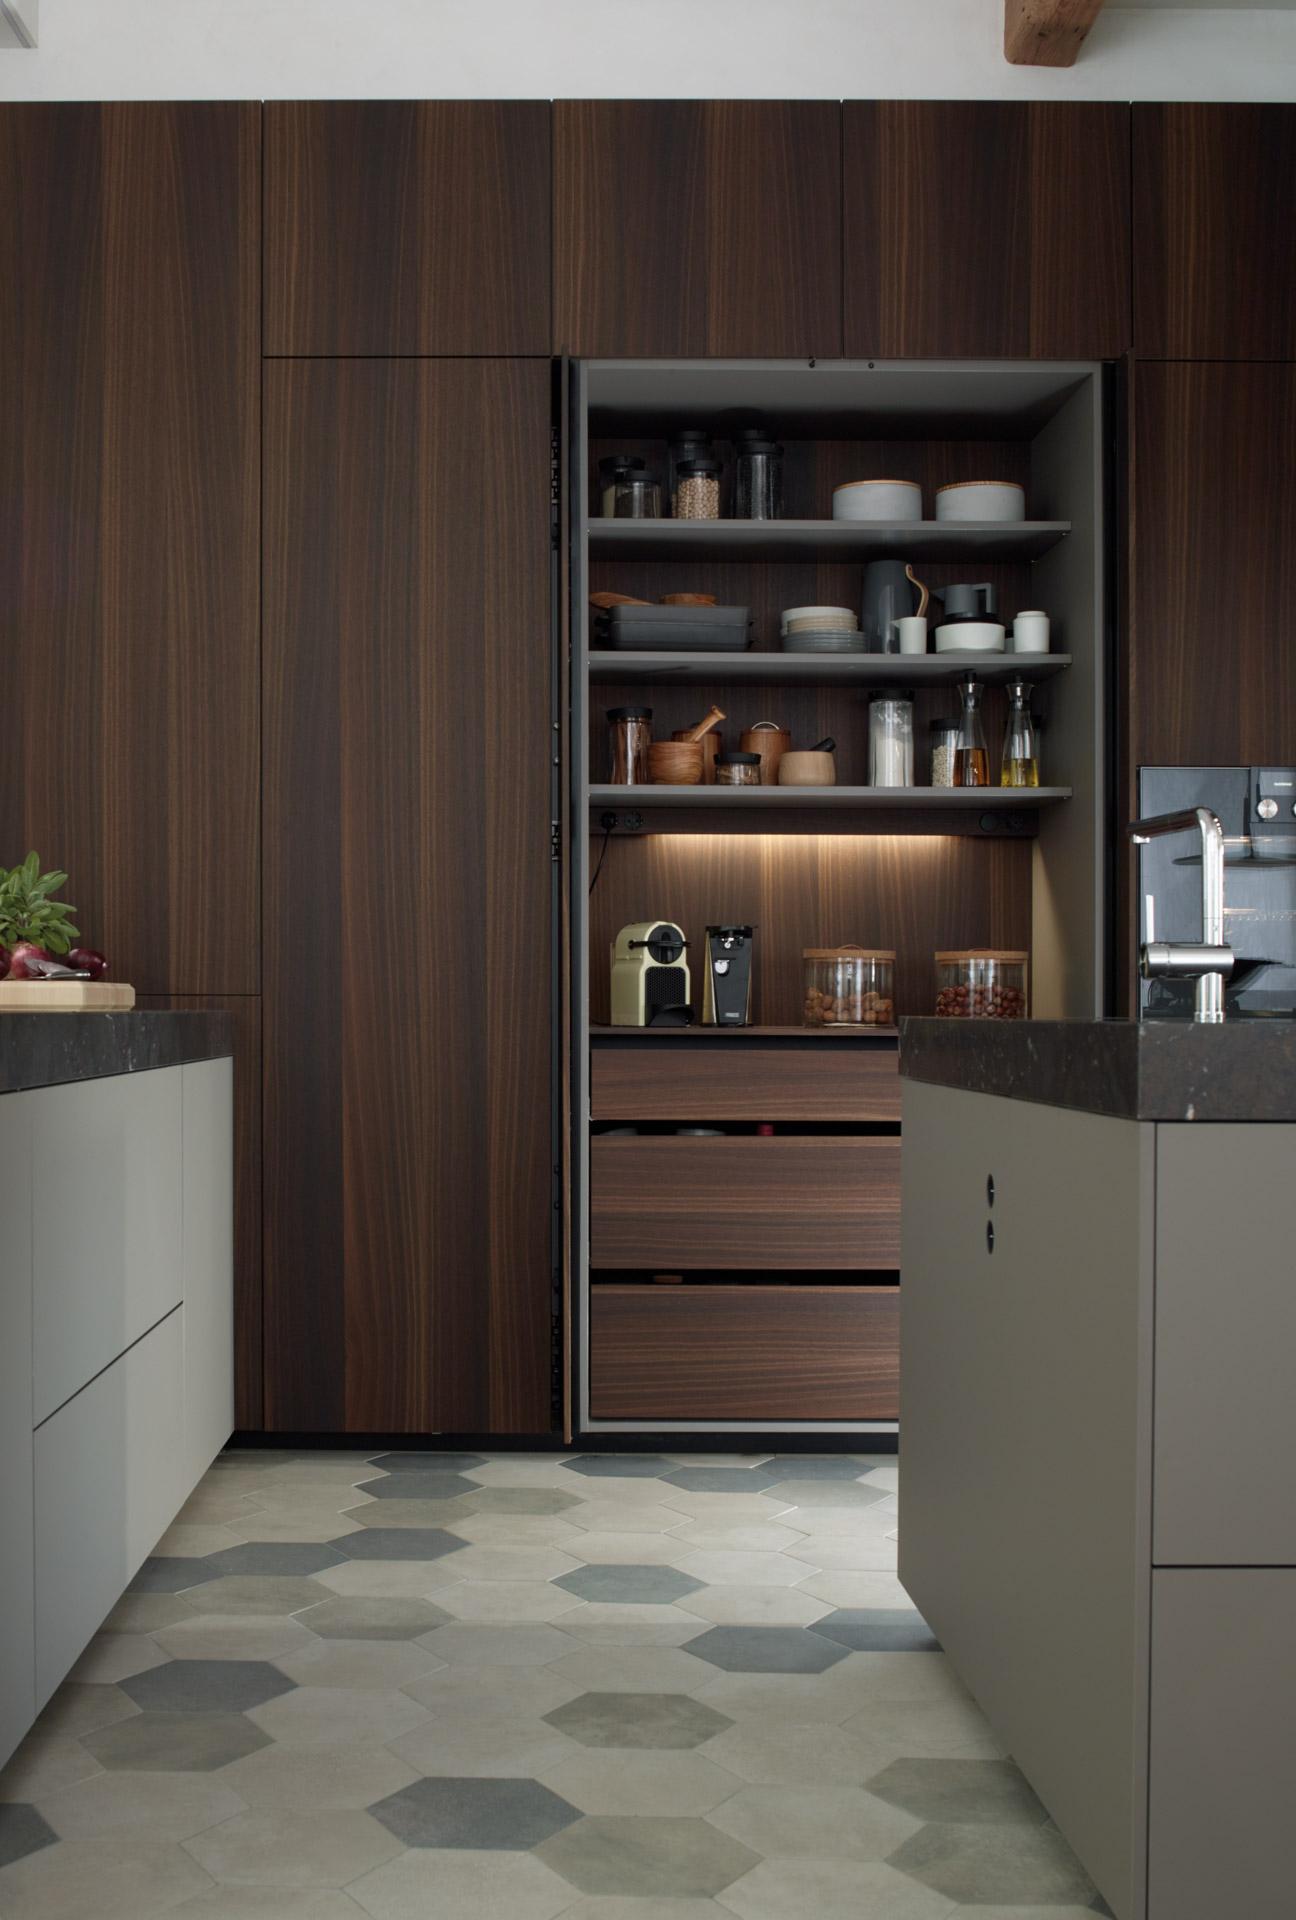 Mueble escamoteable en cocinas grandes con isla